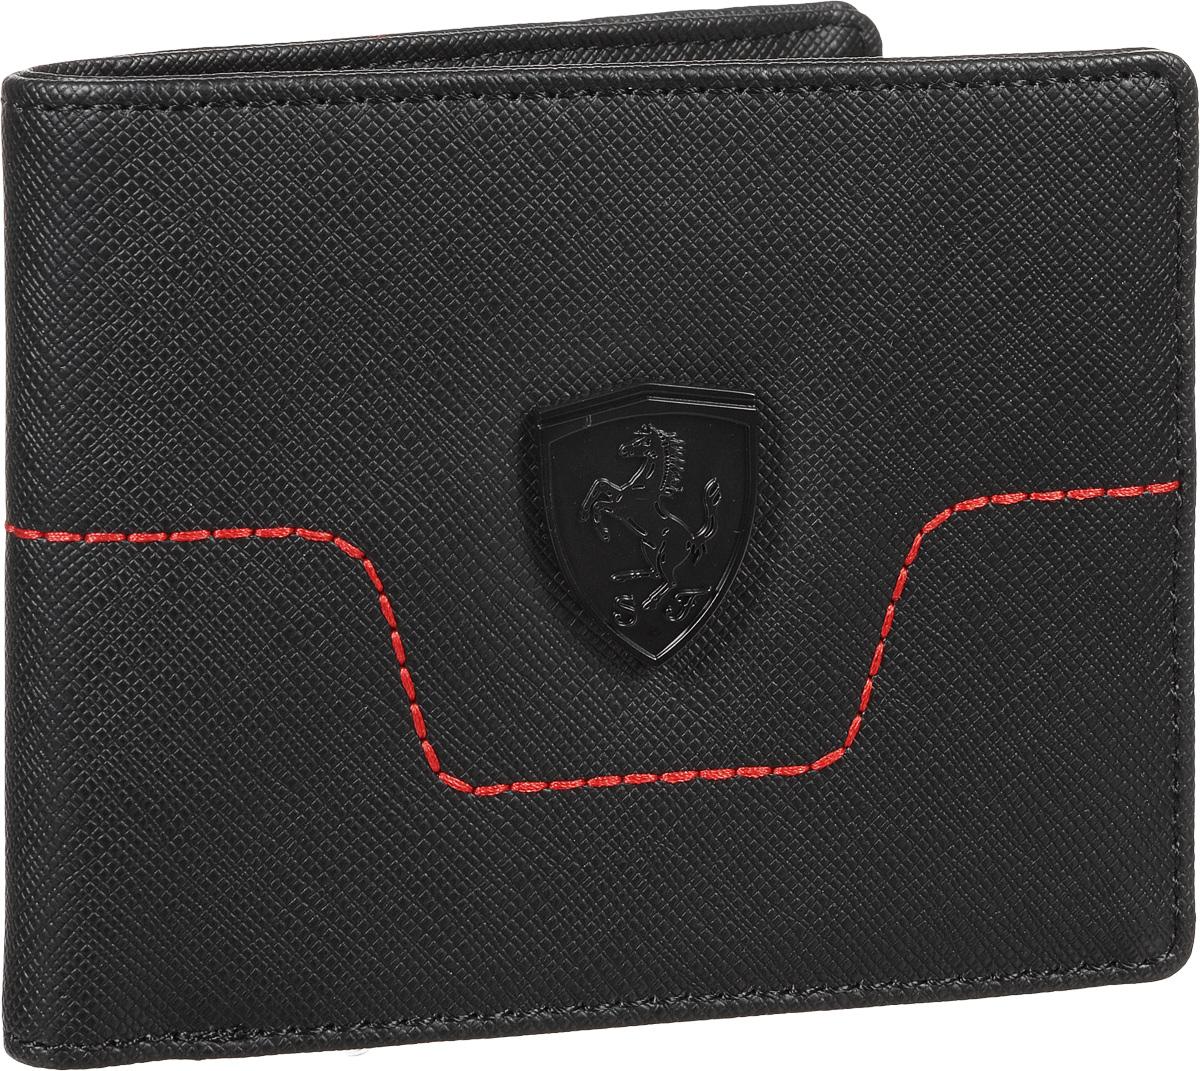 Бумажник Puma Ferrari LS Wallet M, цвет: черный. 07420901